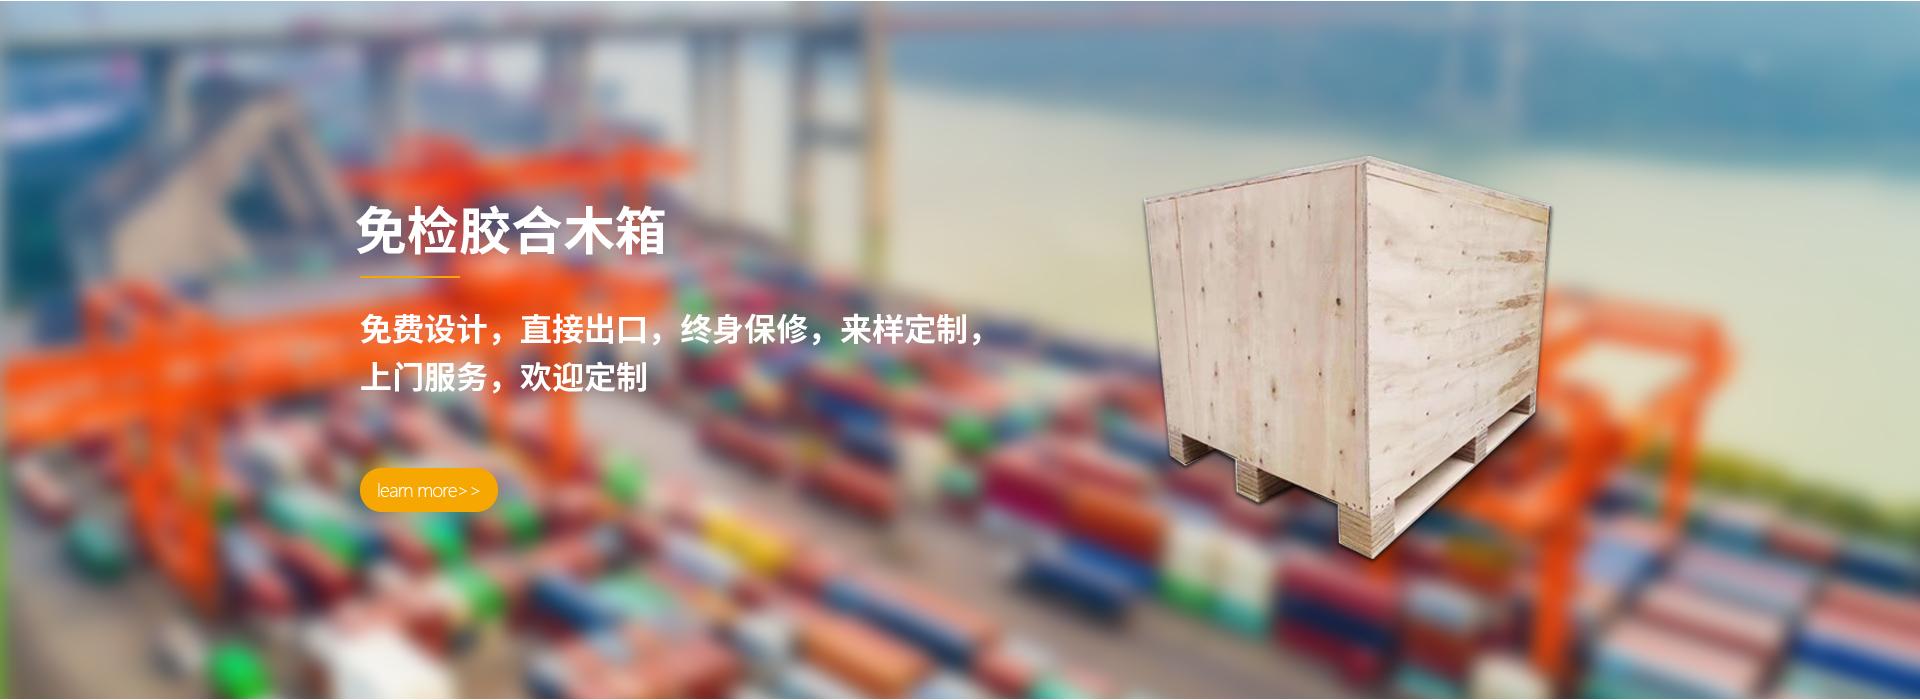 木卡板厂家,胶合卡板,木包装箱,深圳市安特威包装制品有限公司